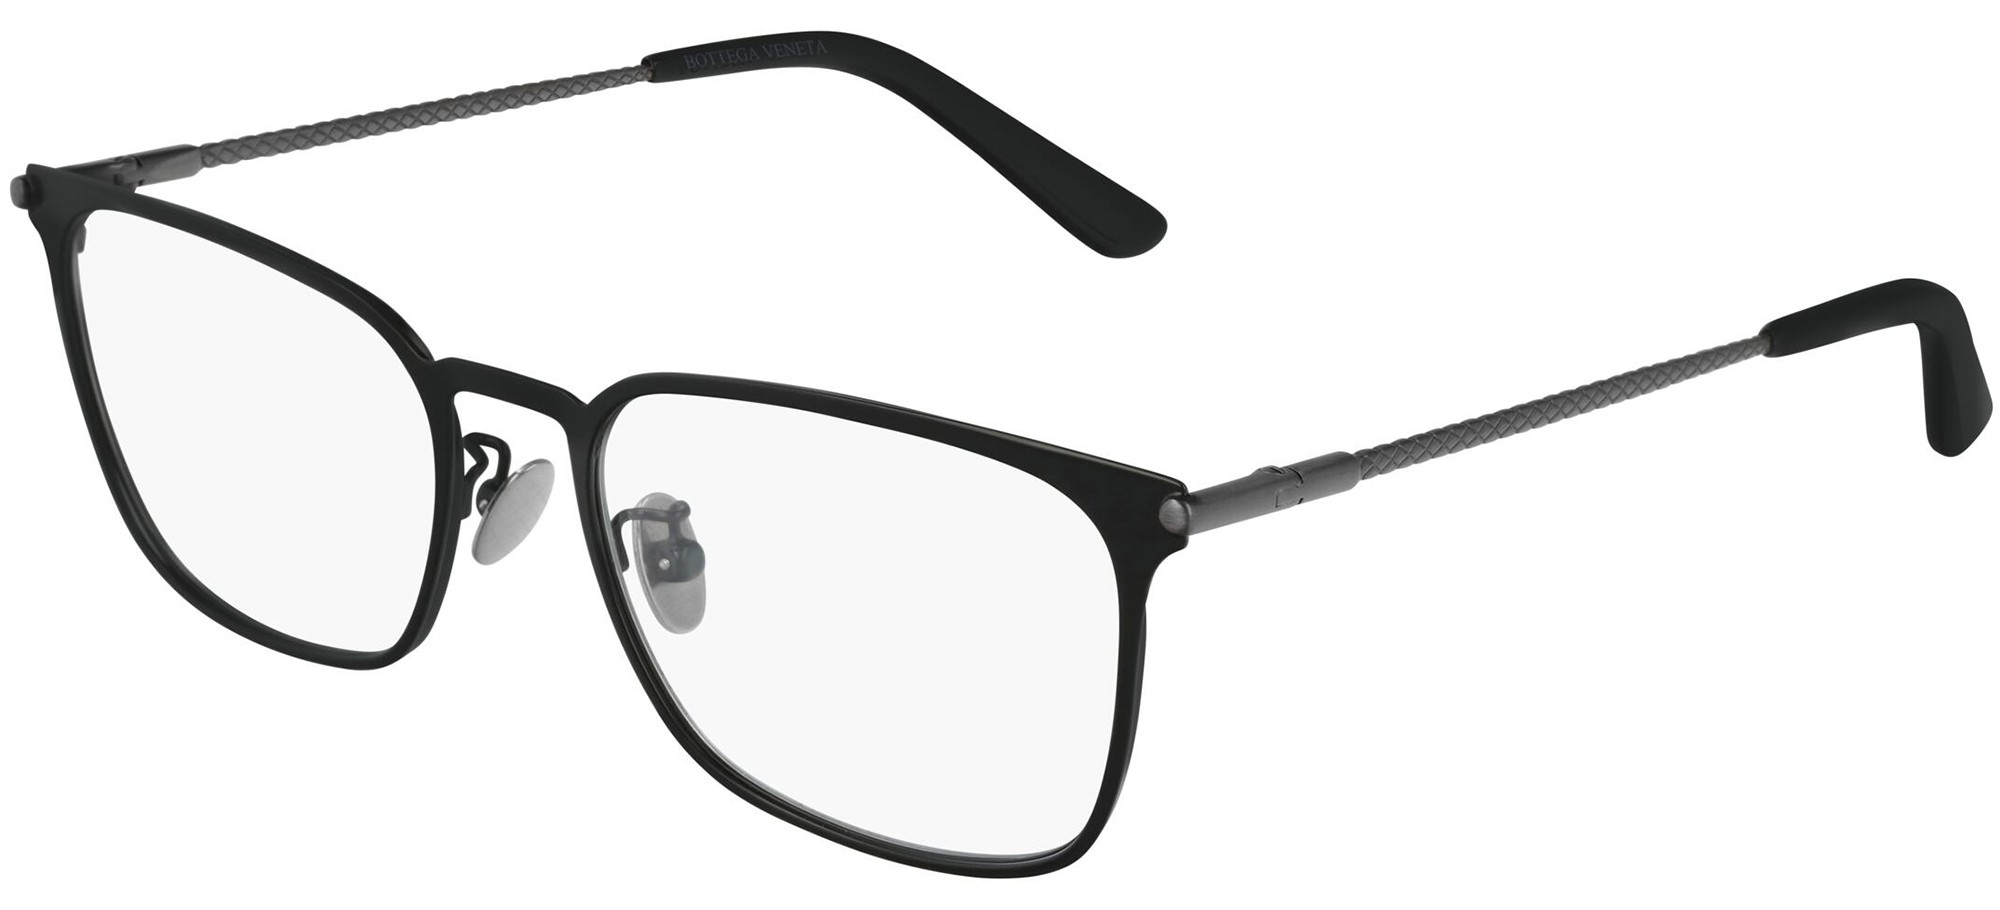 Bottega Veneta eyeglasses BV0233O